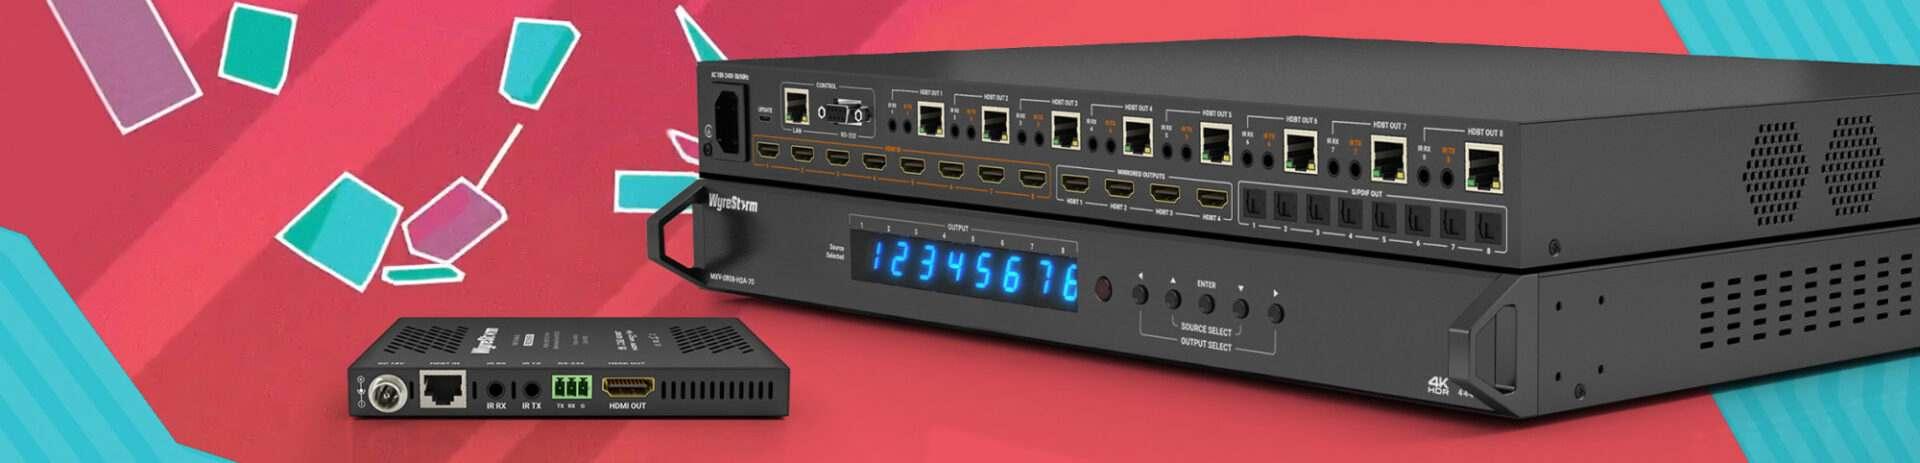 HDMI Extenders, HDMI Matrix, PiP Matrix